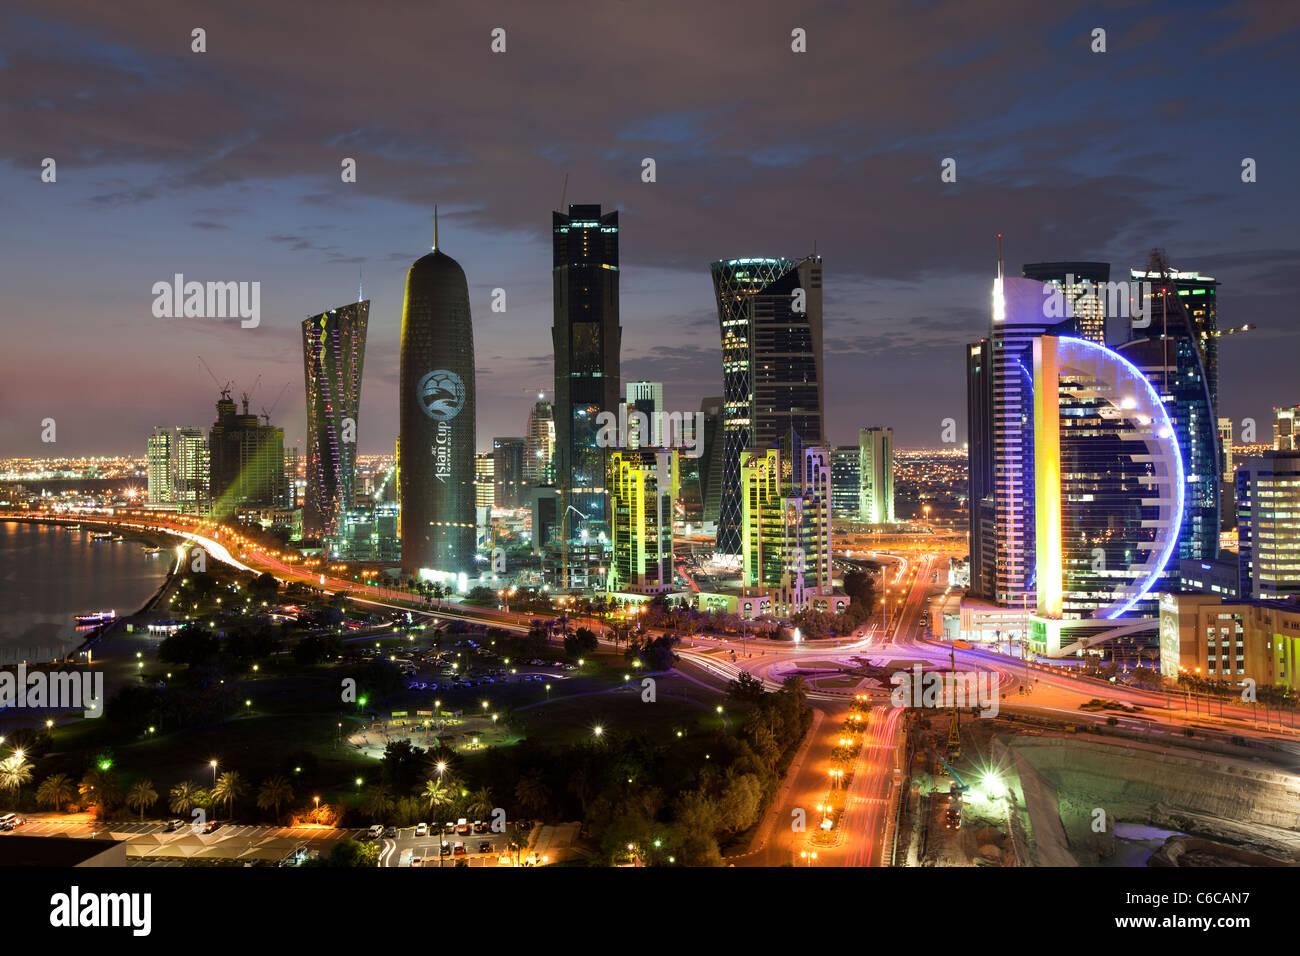 Le Qatar, au Moyen-Orient, Péninsule Arabe, Doha, nouvelle ligne d'horizon de la baie ouest du quartier financier du Centre de Doha Banque D'Images